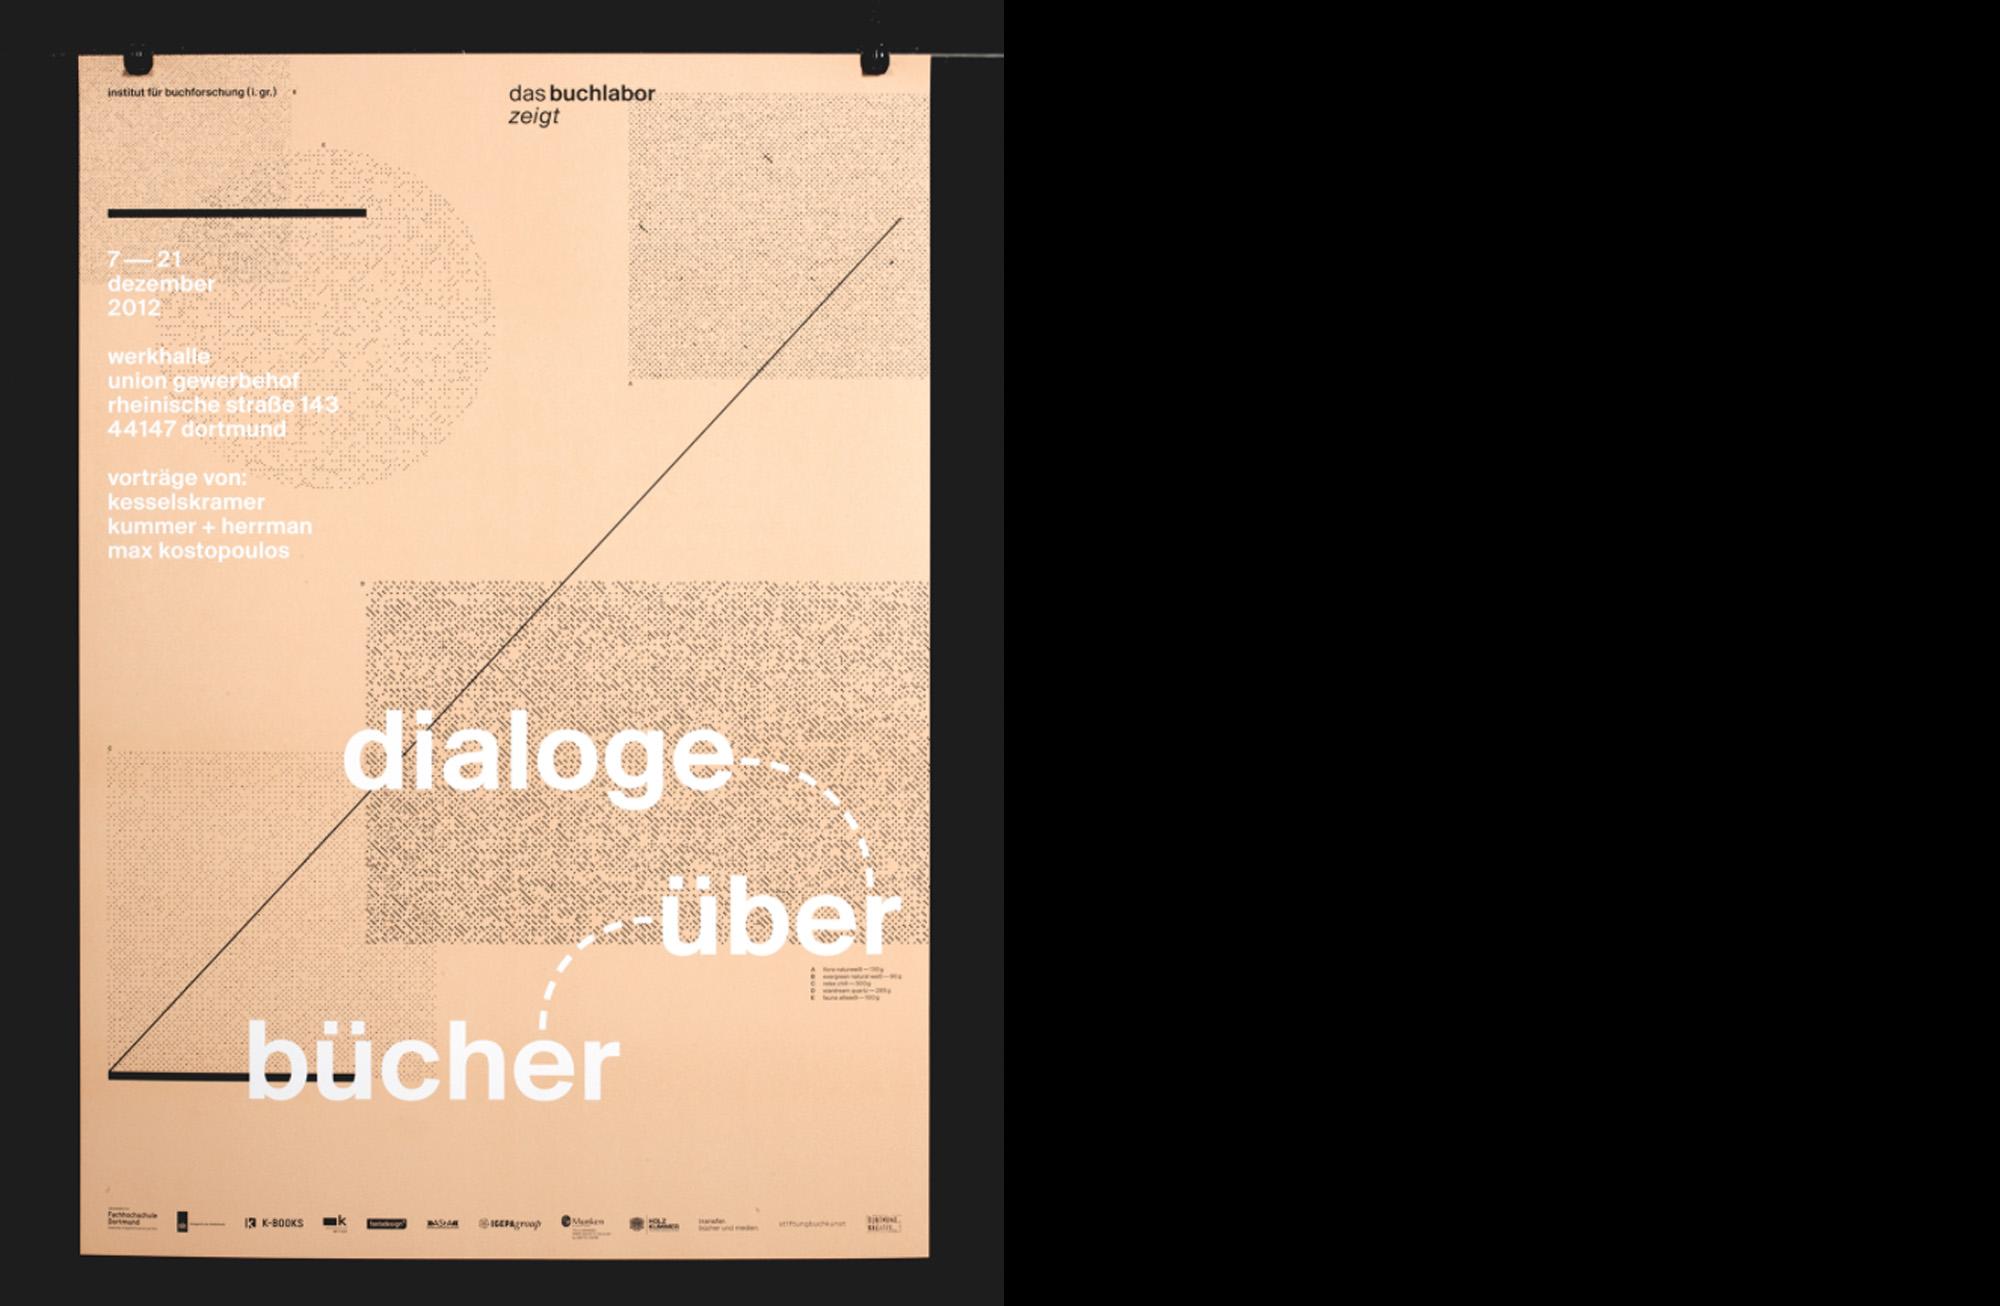 studiokonter_buchlabor dialoge plakat 04